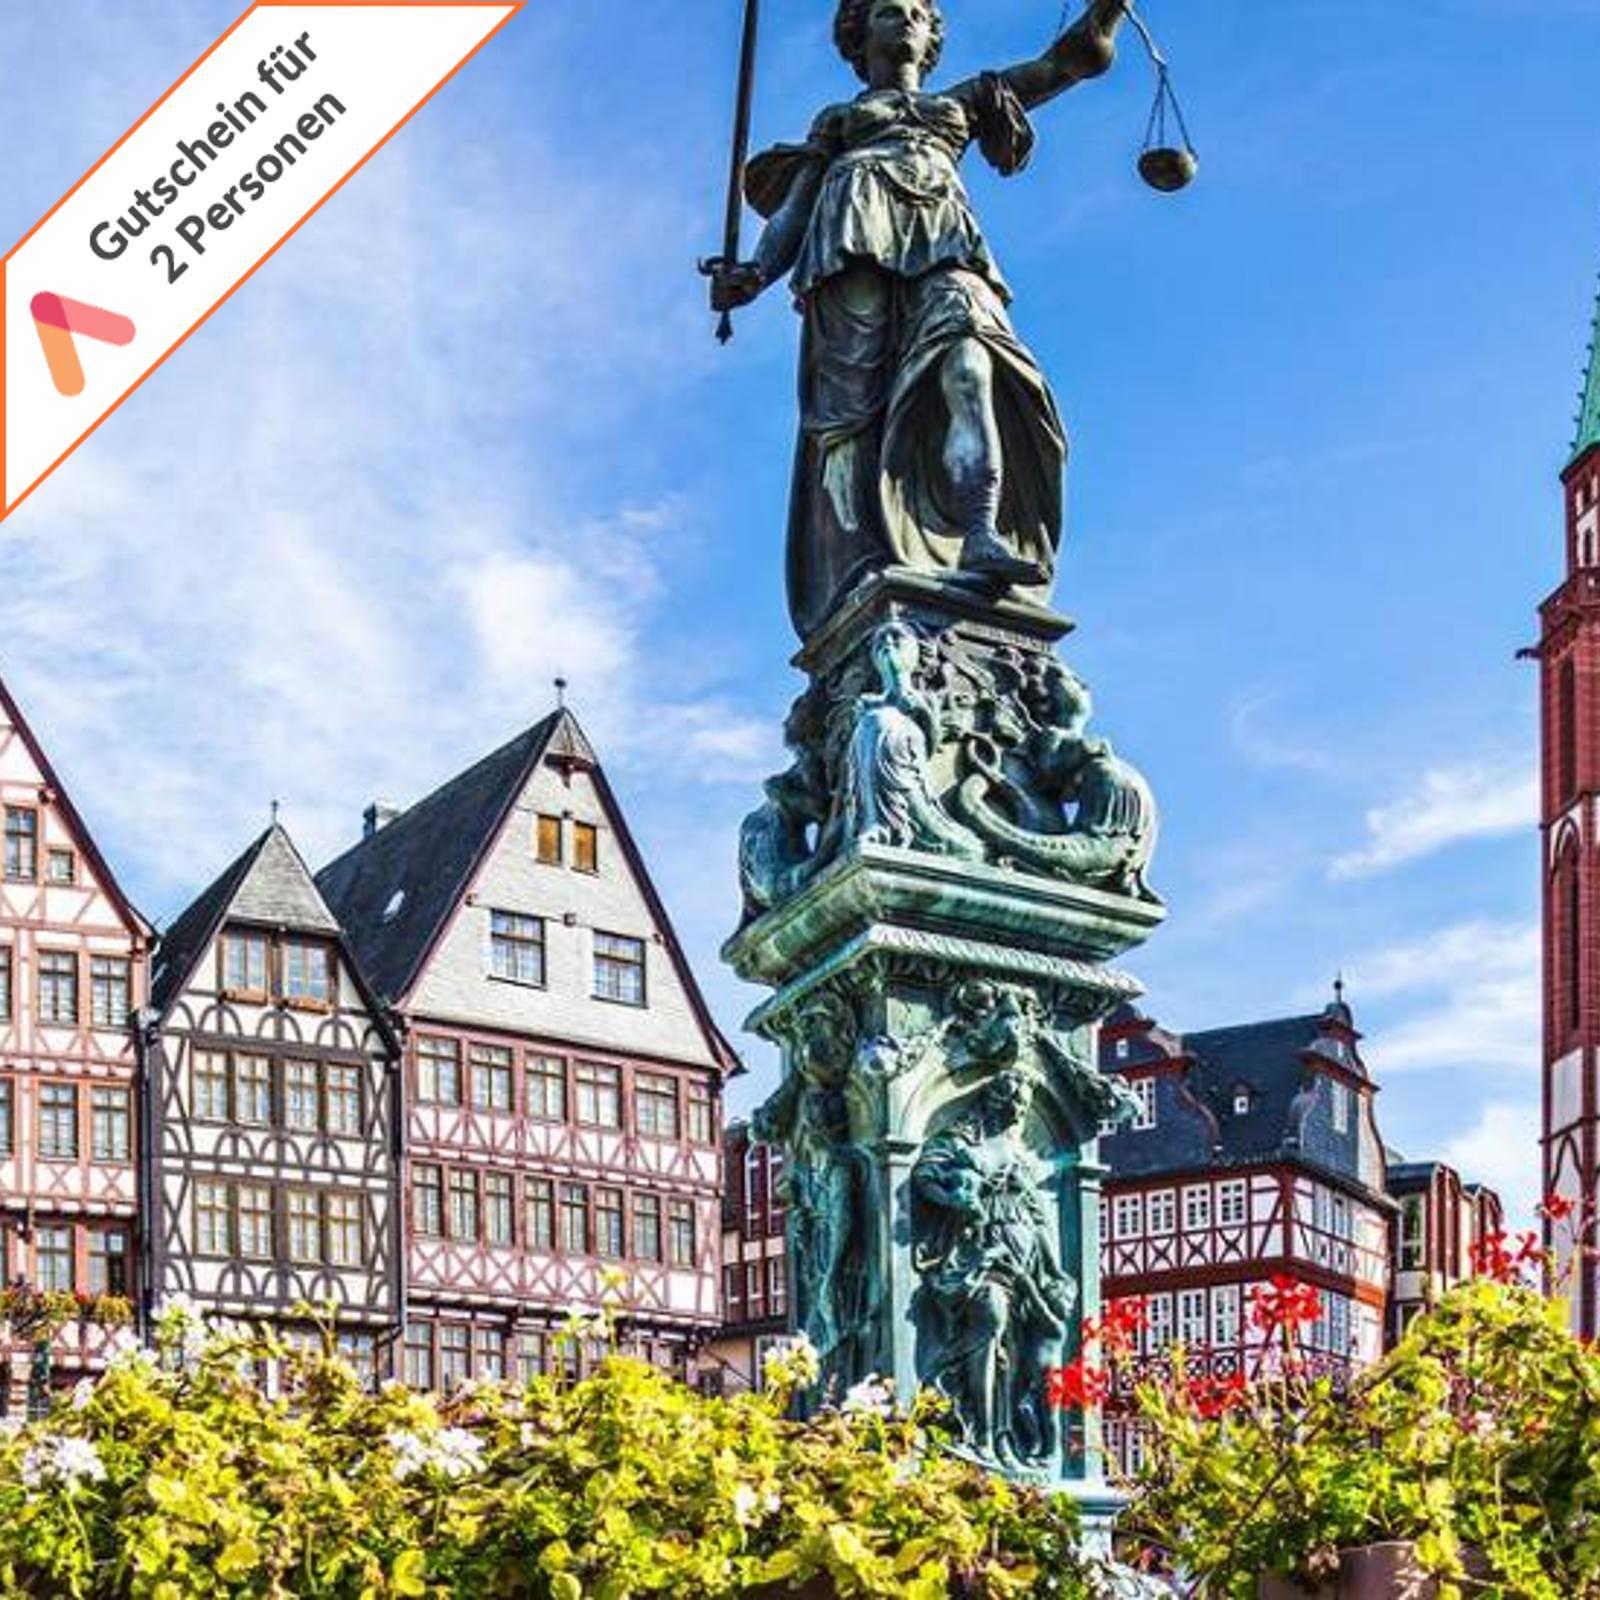 Best Western Amedia Frankfurt Rüsselsheim Gutschein 2 Personen Ab 2 Nächte BerüHmt FüR AusgewäHlte Materialien, Neuartige Designs, Herrliche Farben Und Exquisite Verarbeitung